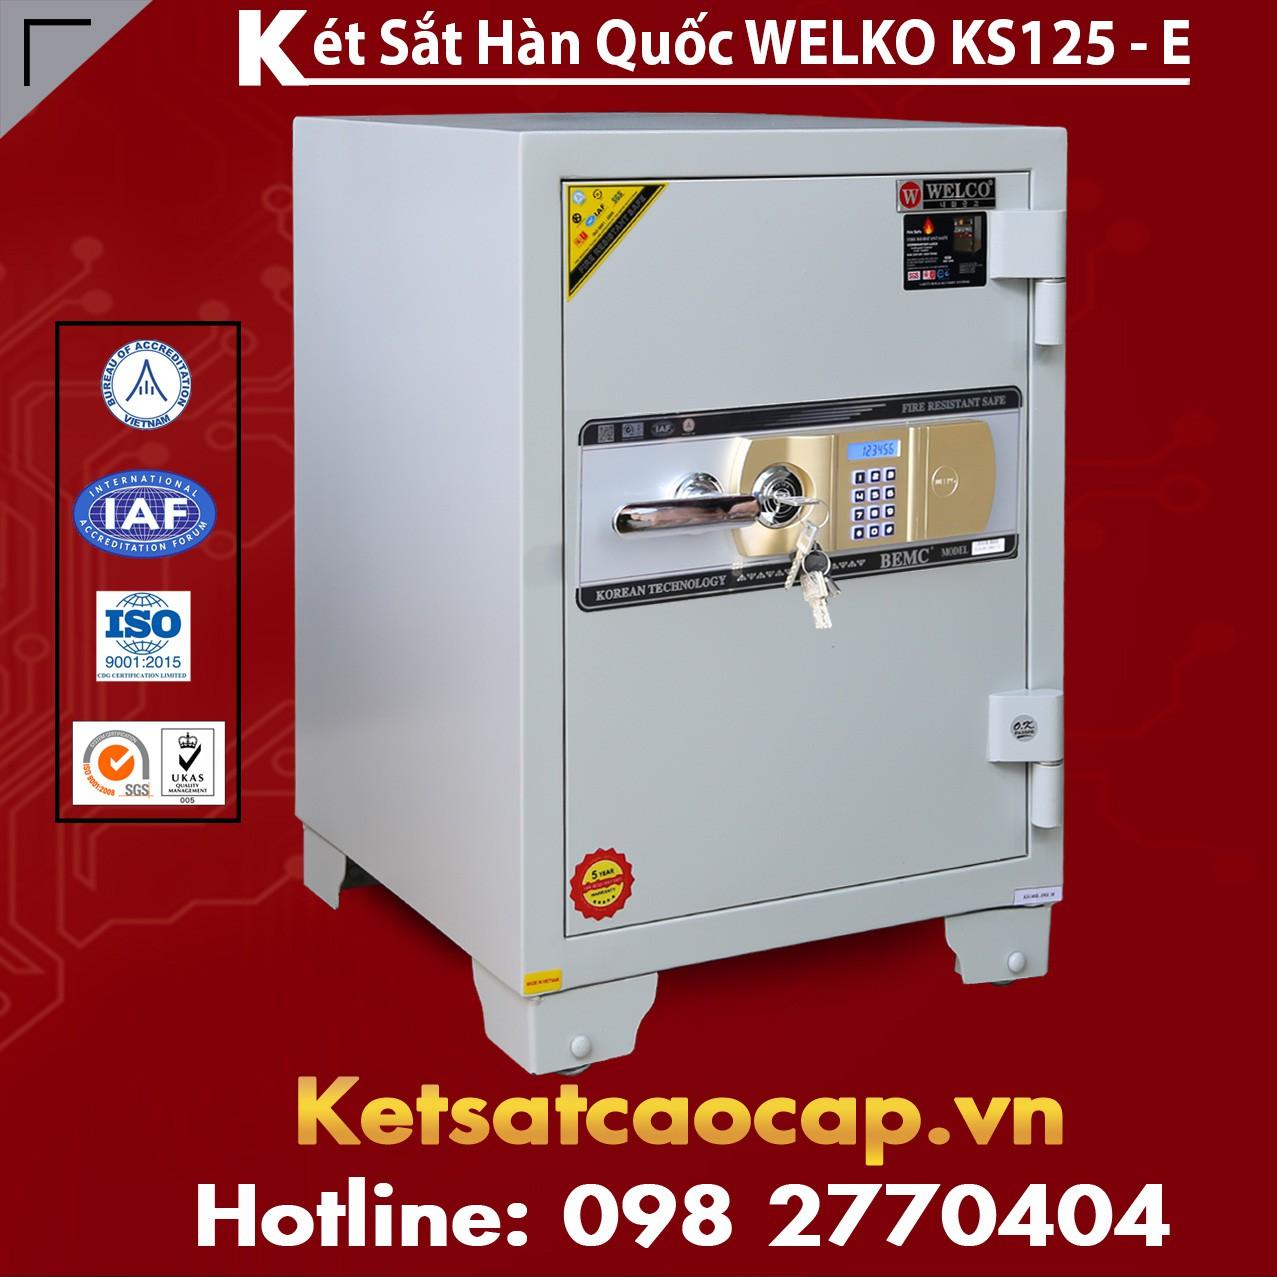 Két Sắt Văn Phòng WELKO KS125 White - E Gold